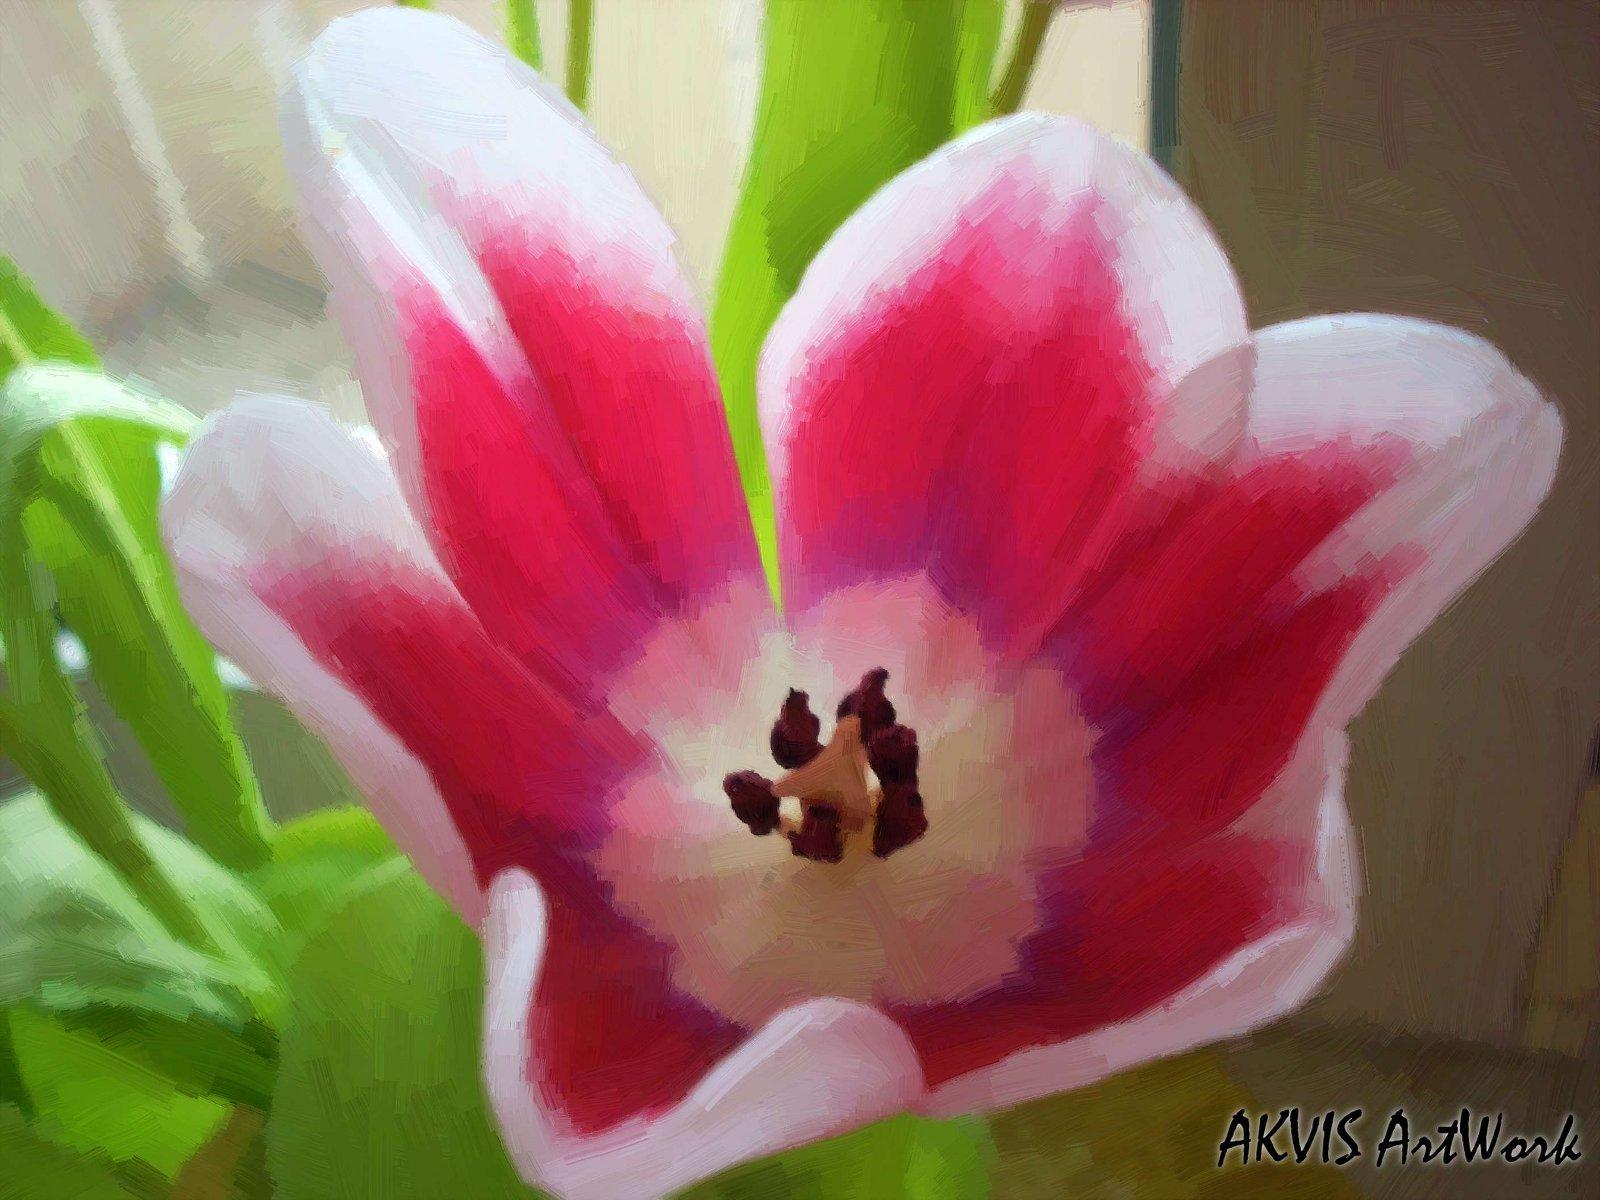 மீனு தரும் இயற்கை அழகு அன்பு மலர்கள்........ Flower19